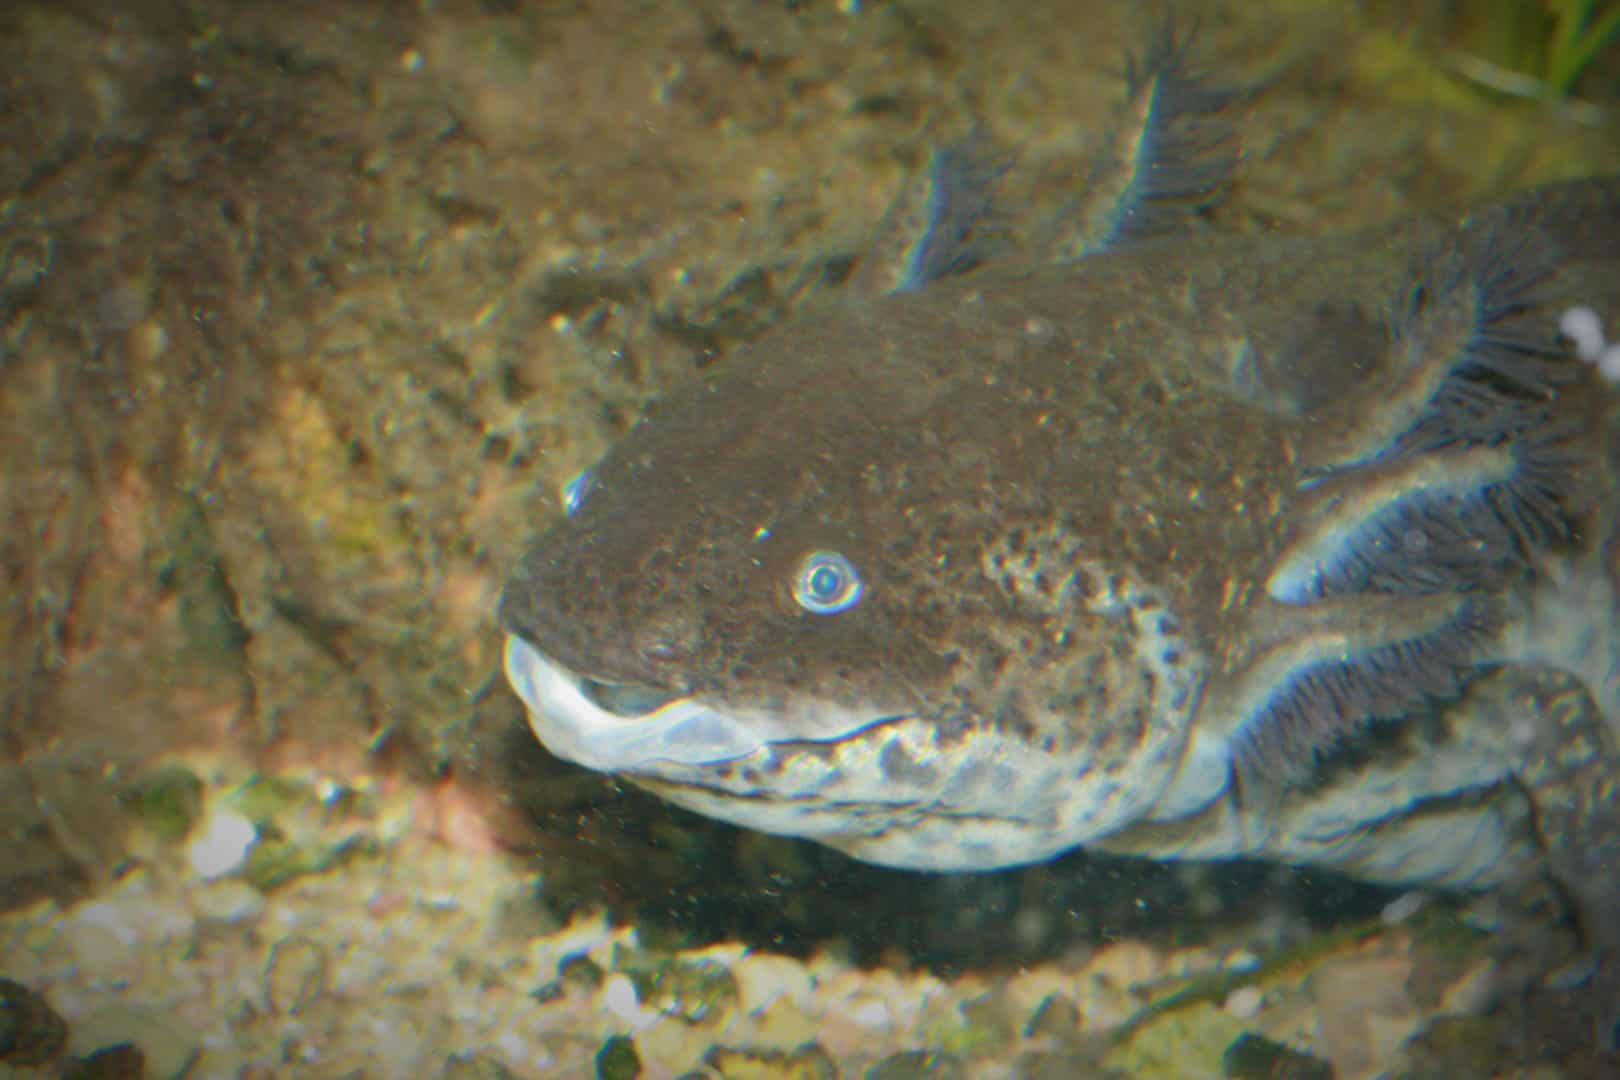 249: Die wundersamen Axolotl - Haltung und Zucht von Querzahnmolchen (Oliver Schirk) 10